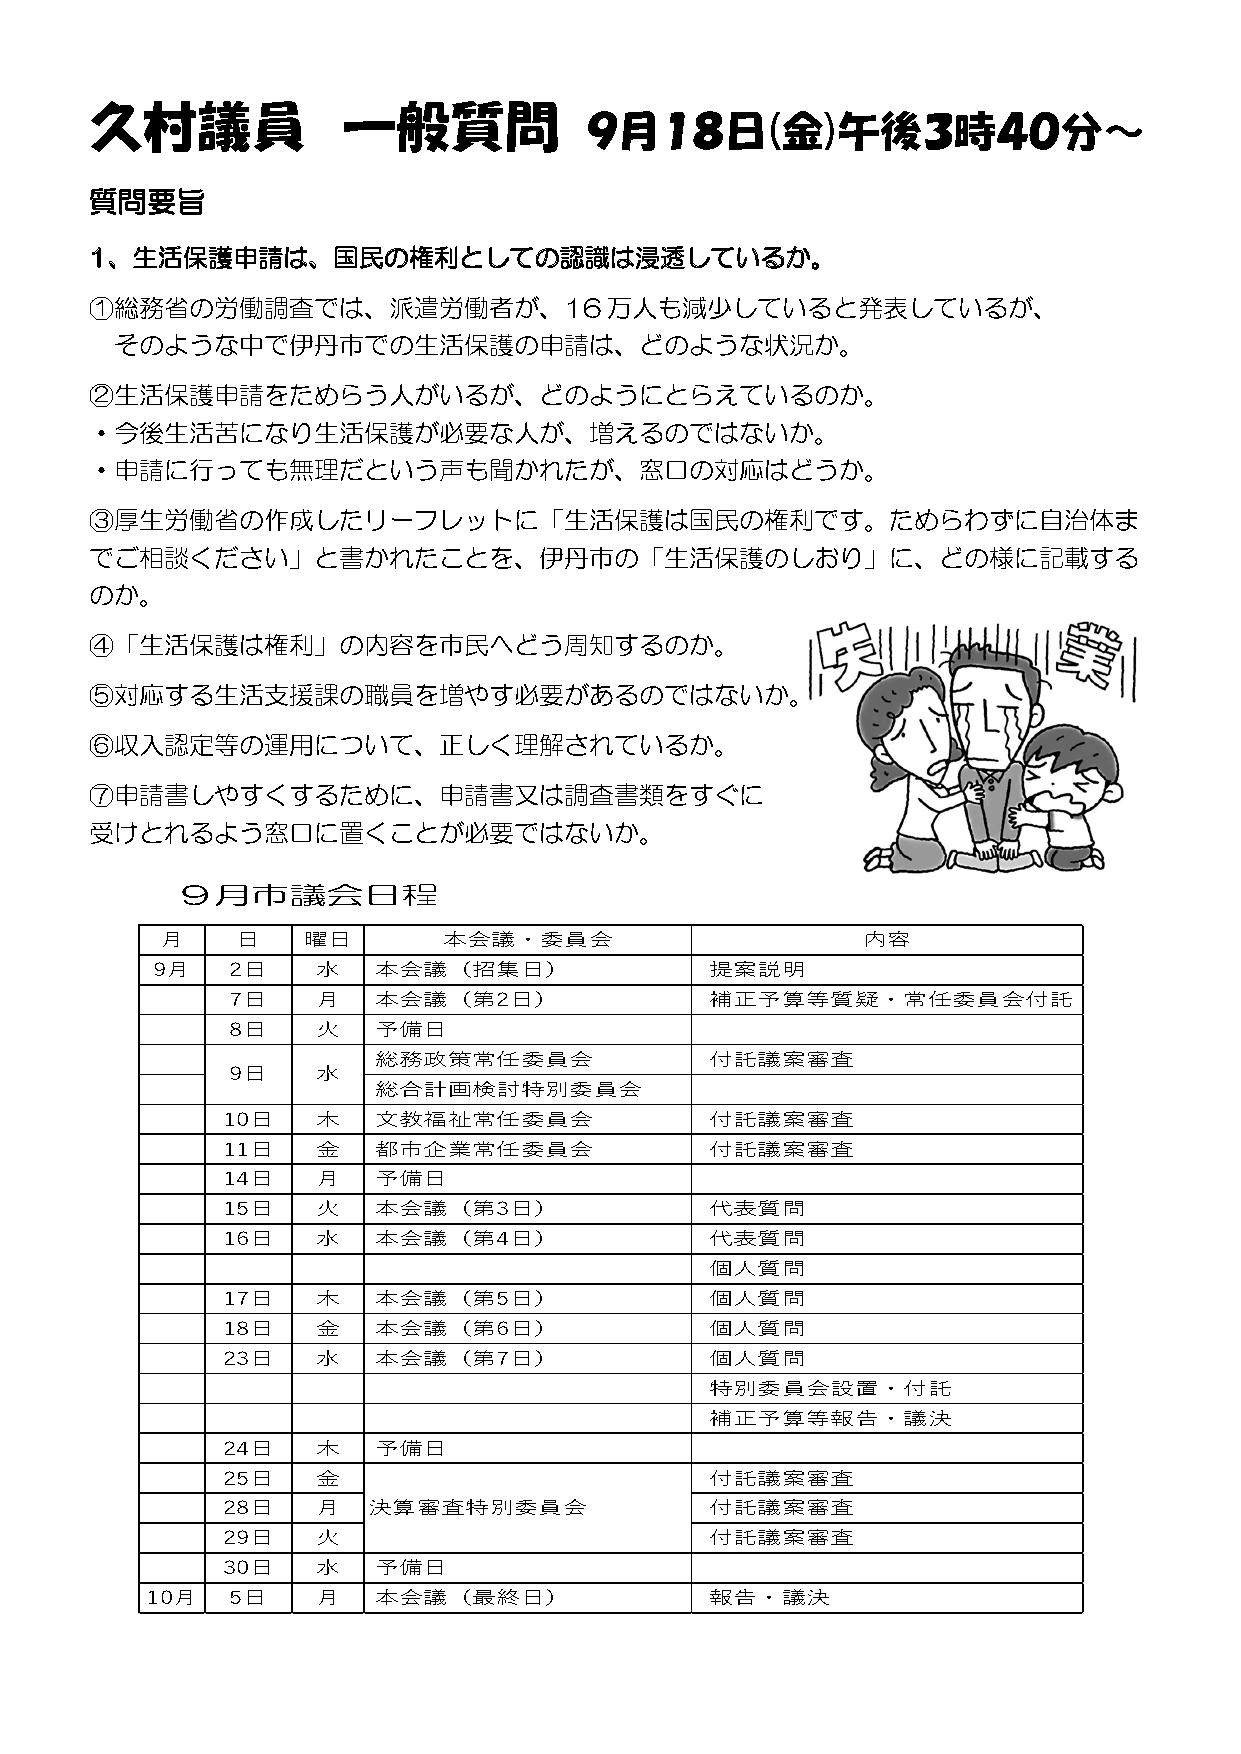 伊丹市議団ニュース369号2面